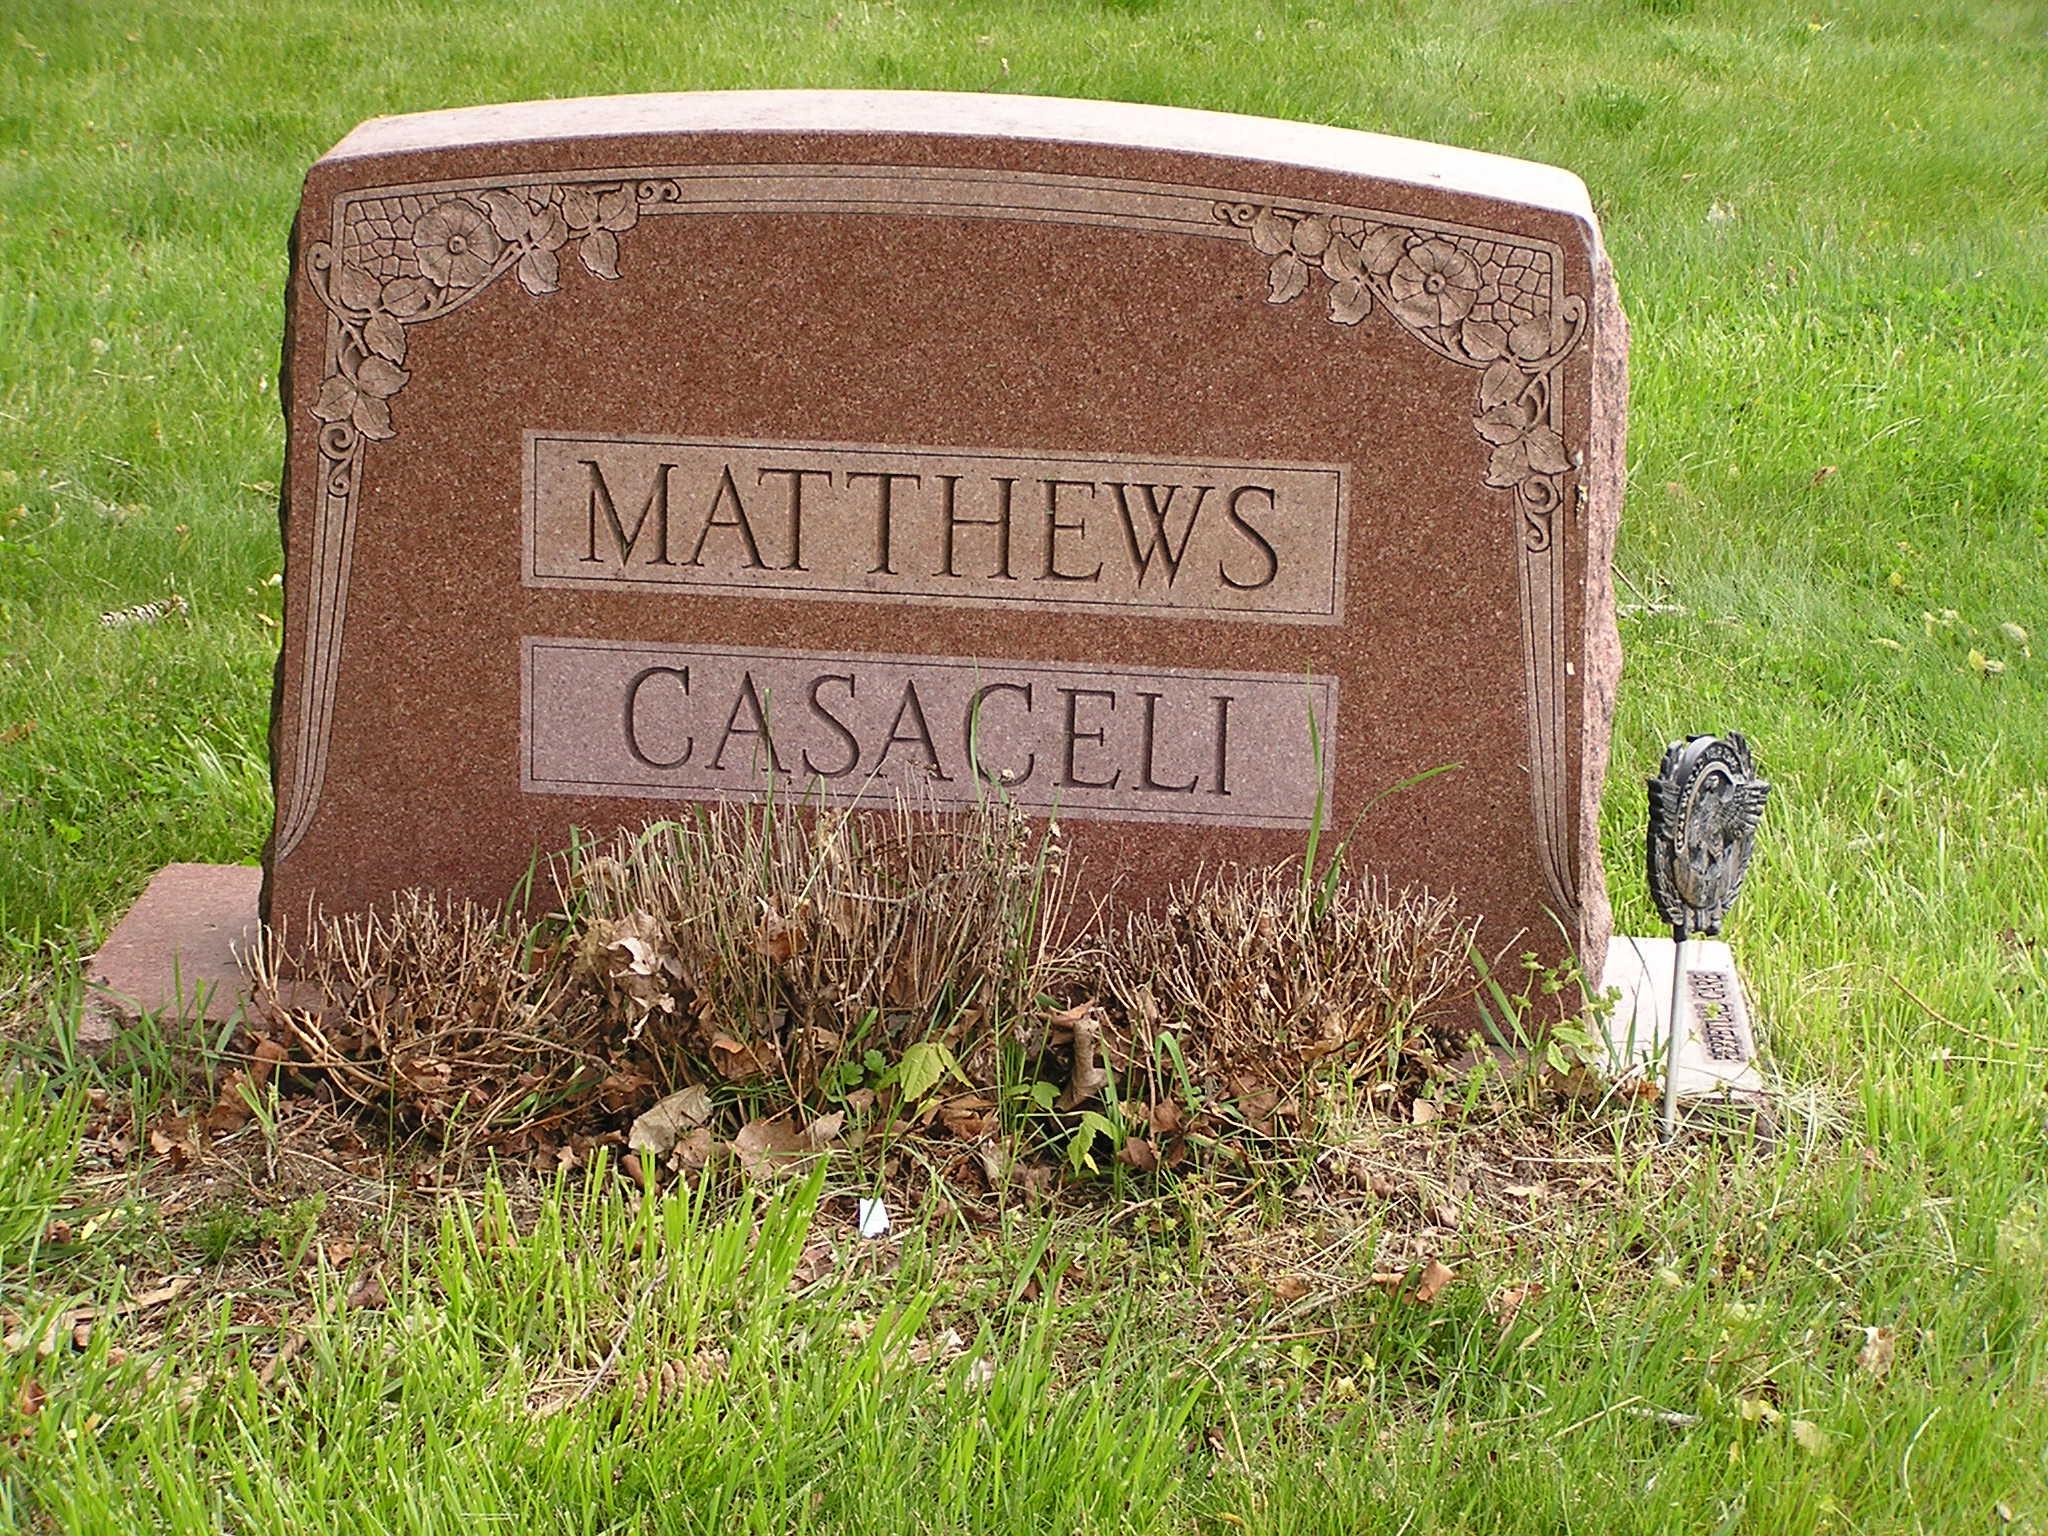 Edward Casaceli